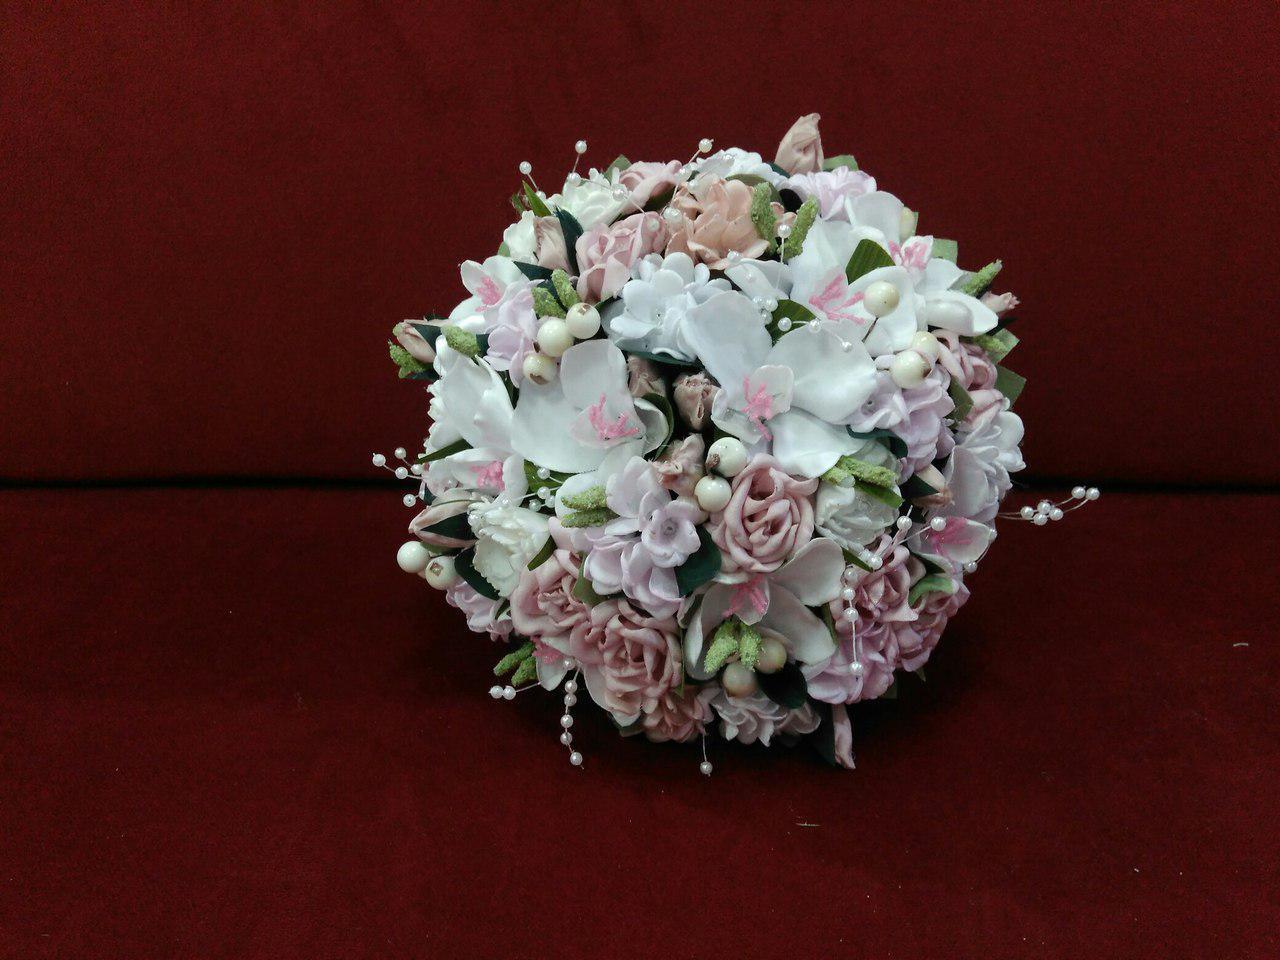 Купить букет голубых роз харьков, доставка цветов полтава царство